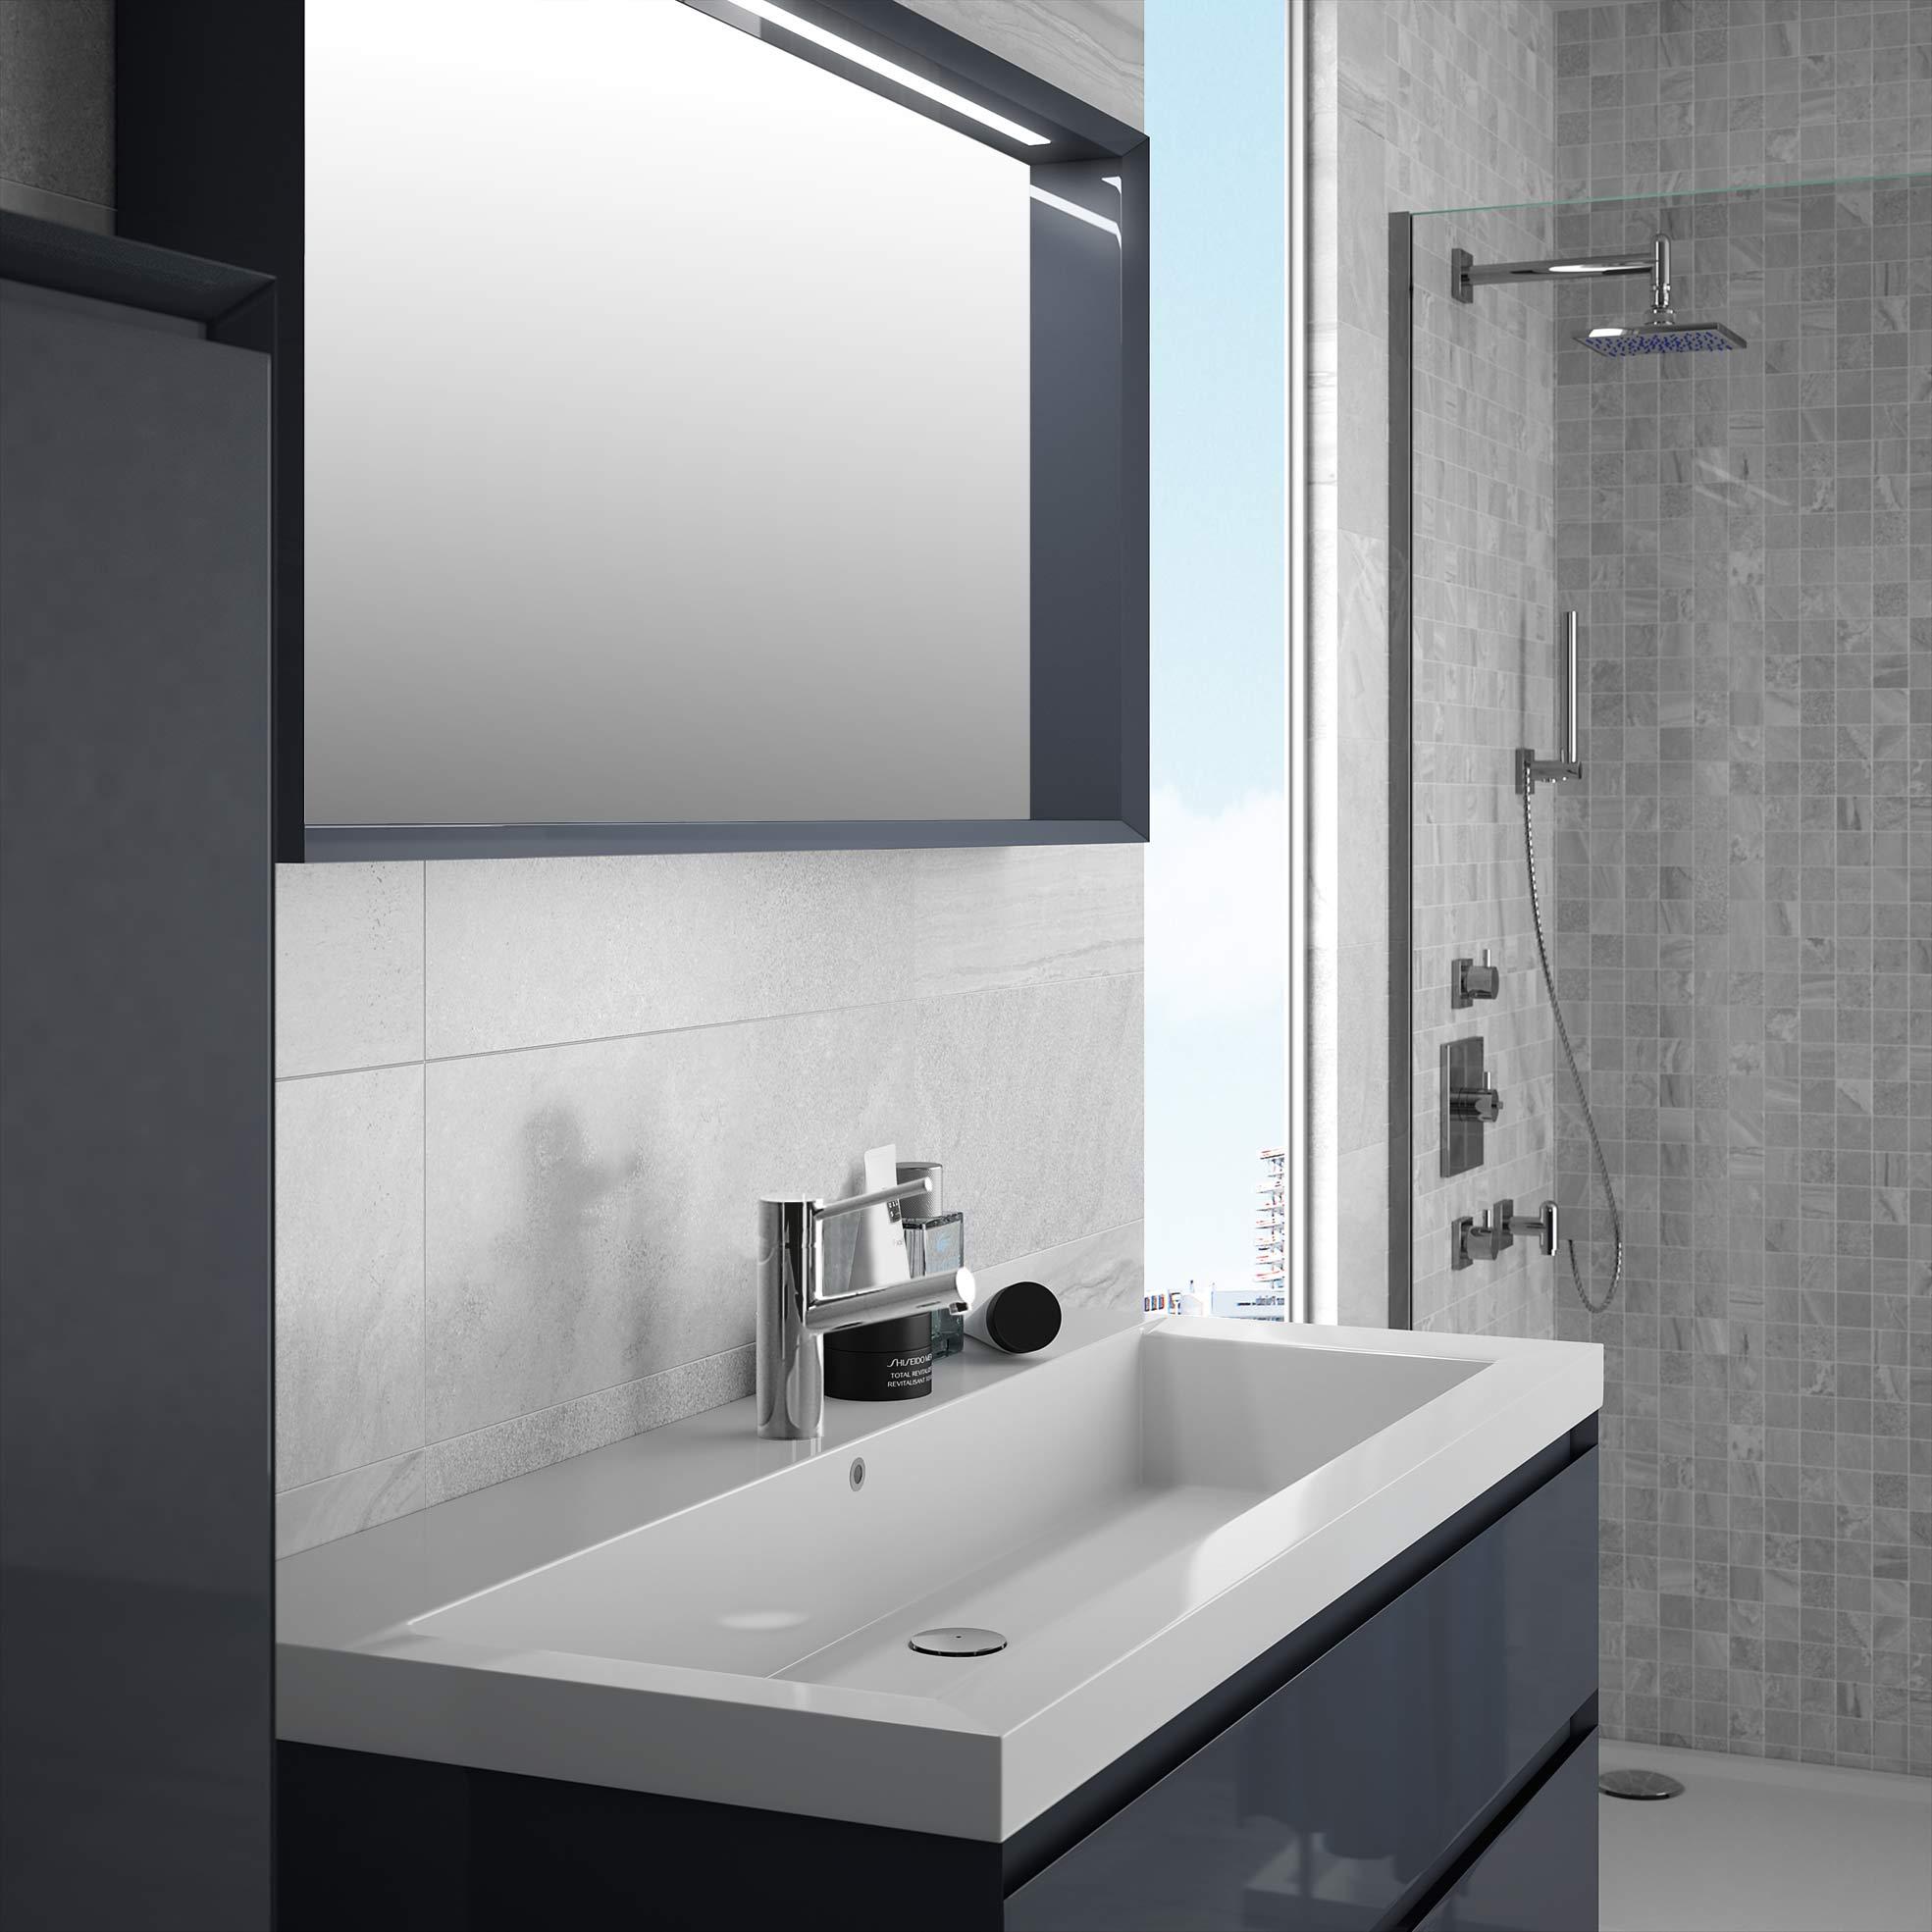 Toulouse carrelage trendy free pour salle de bain for Carrelage salle de bain toulouse